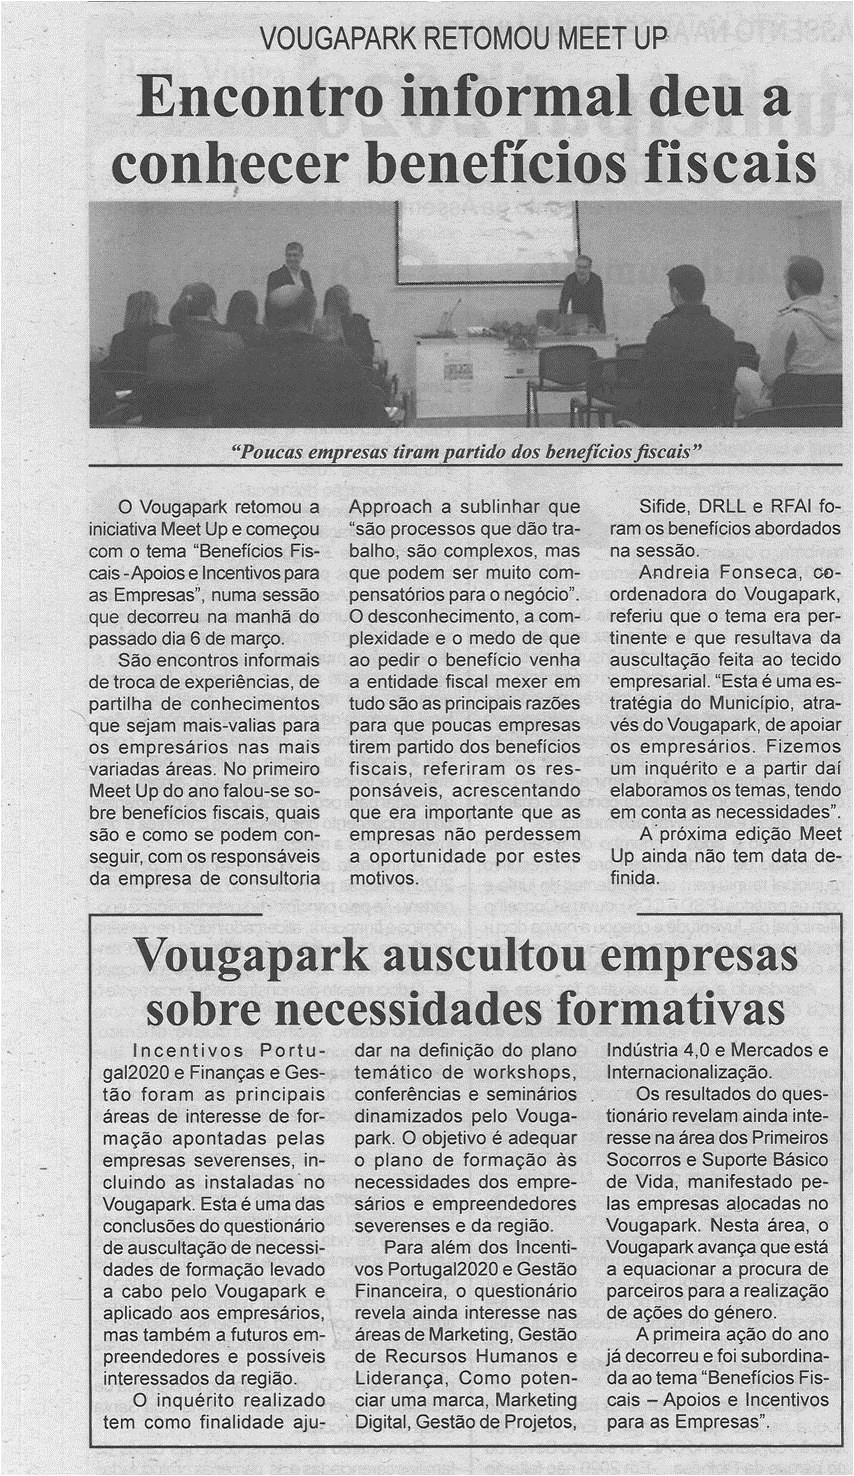 BV-2.ªmar.'20-p.6-Encontro informal deu a conhecer benefícios fiscais : VougaPark retomou meet up.jpg